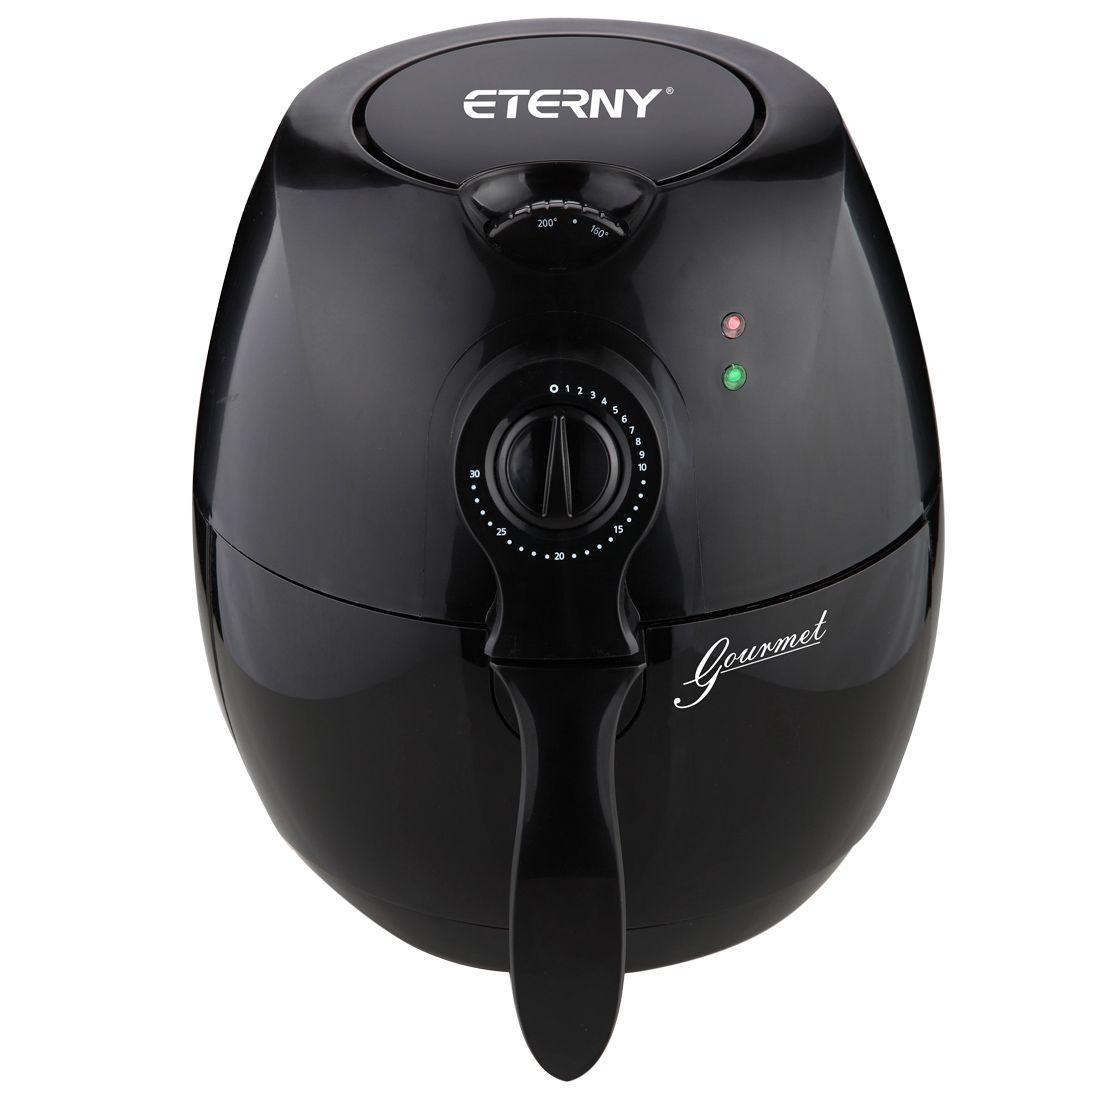 Fritadeira Elétrica Eterny ET18015A: Compare os Melhores Preços em 8 lojas   JáCotei